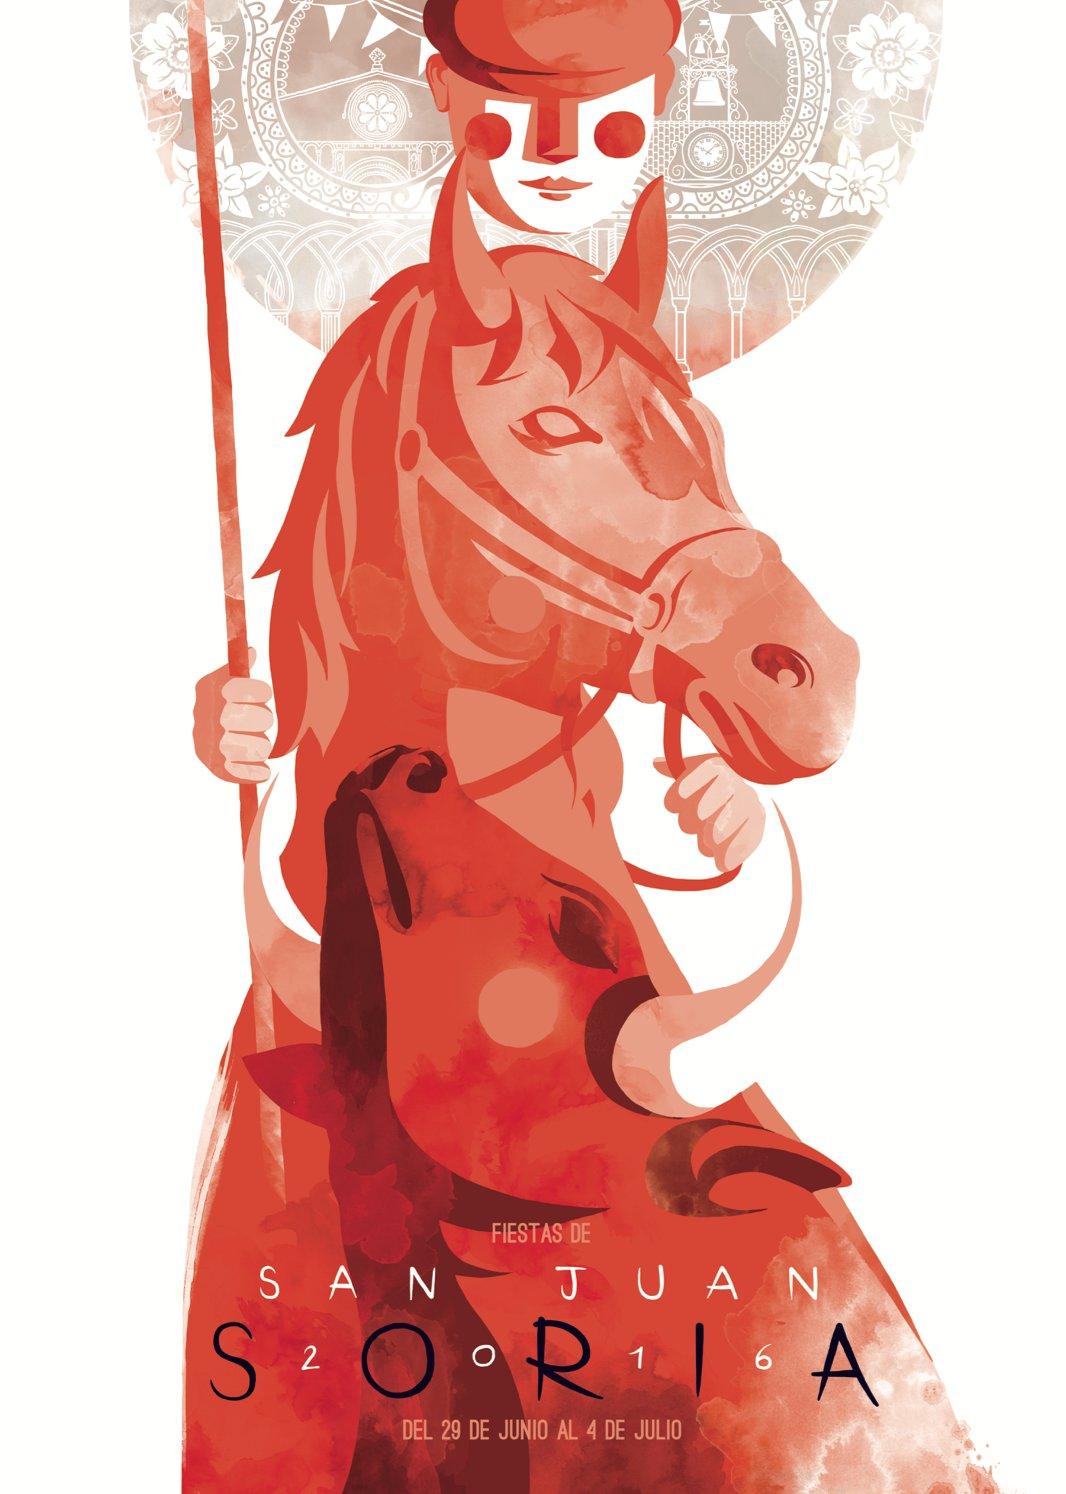 Concurso de carteles de San Juan de Soria 2016